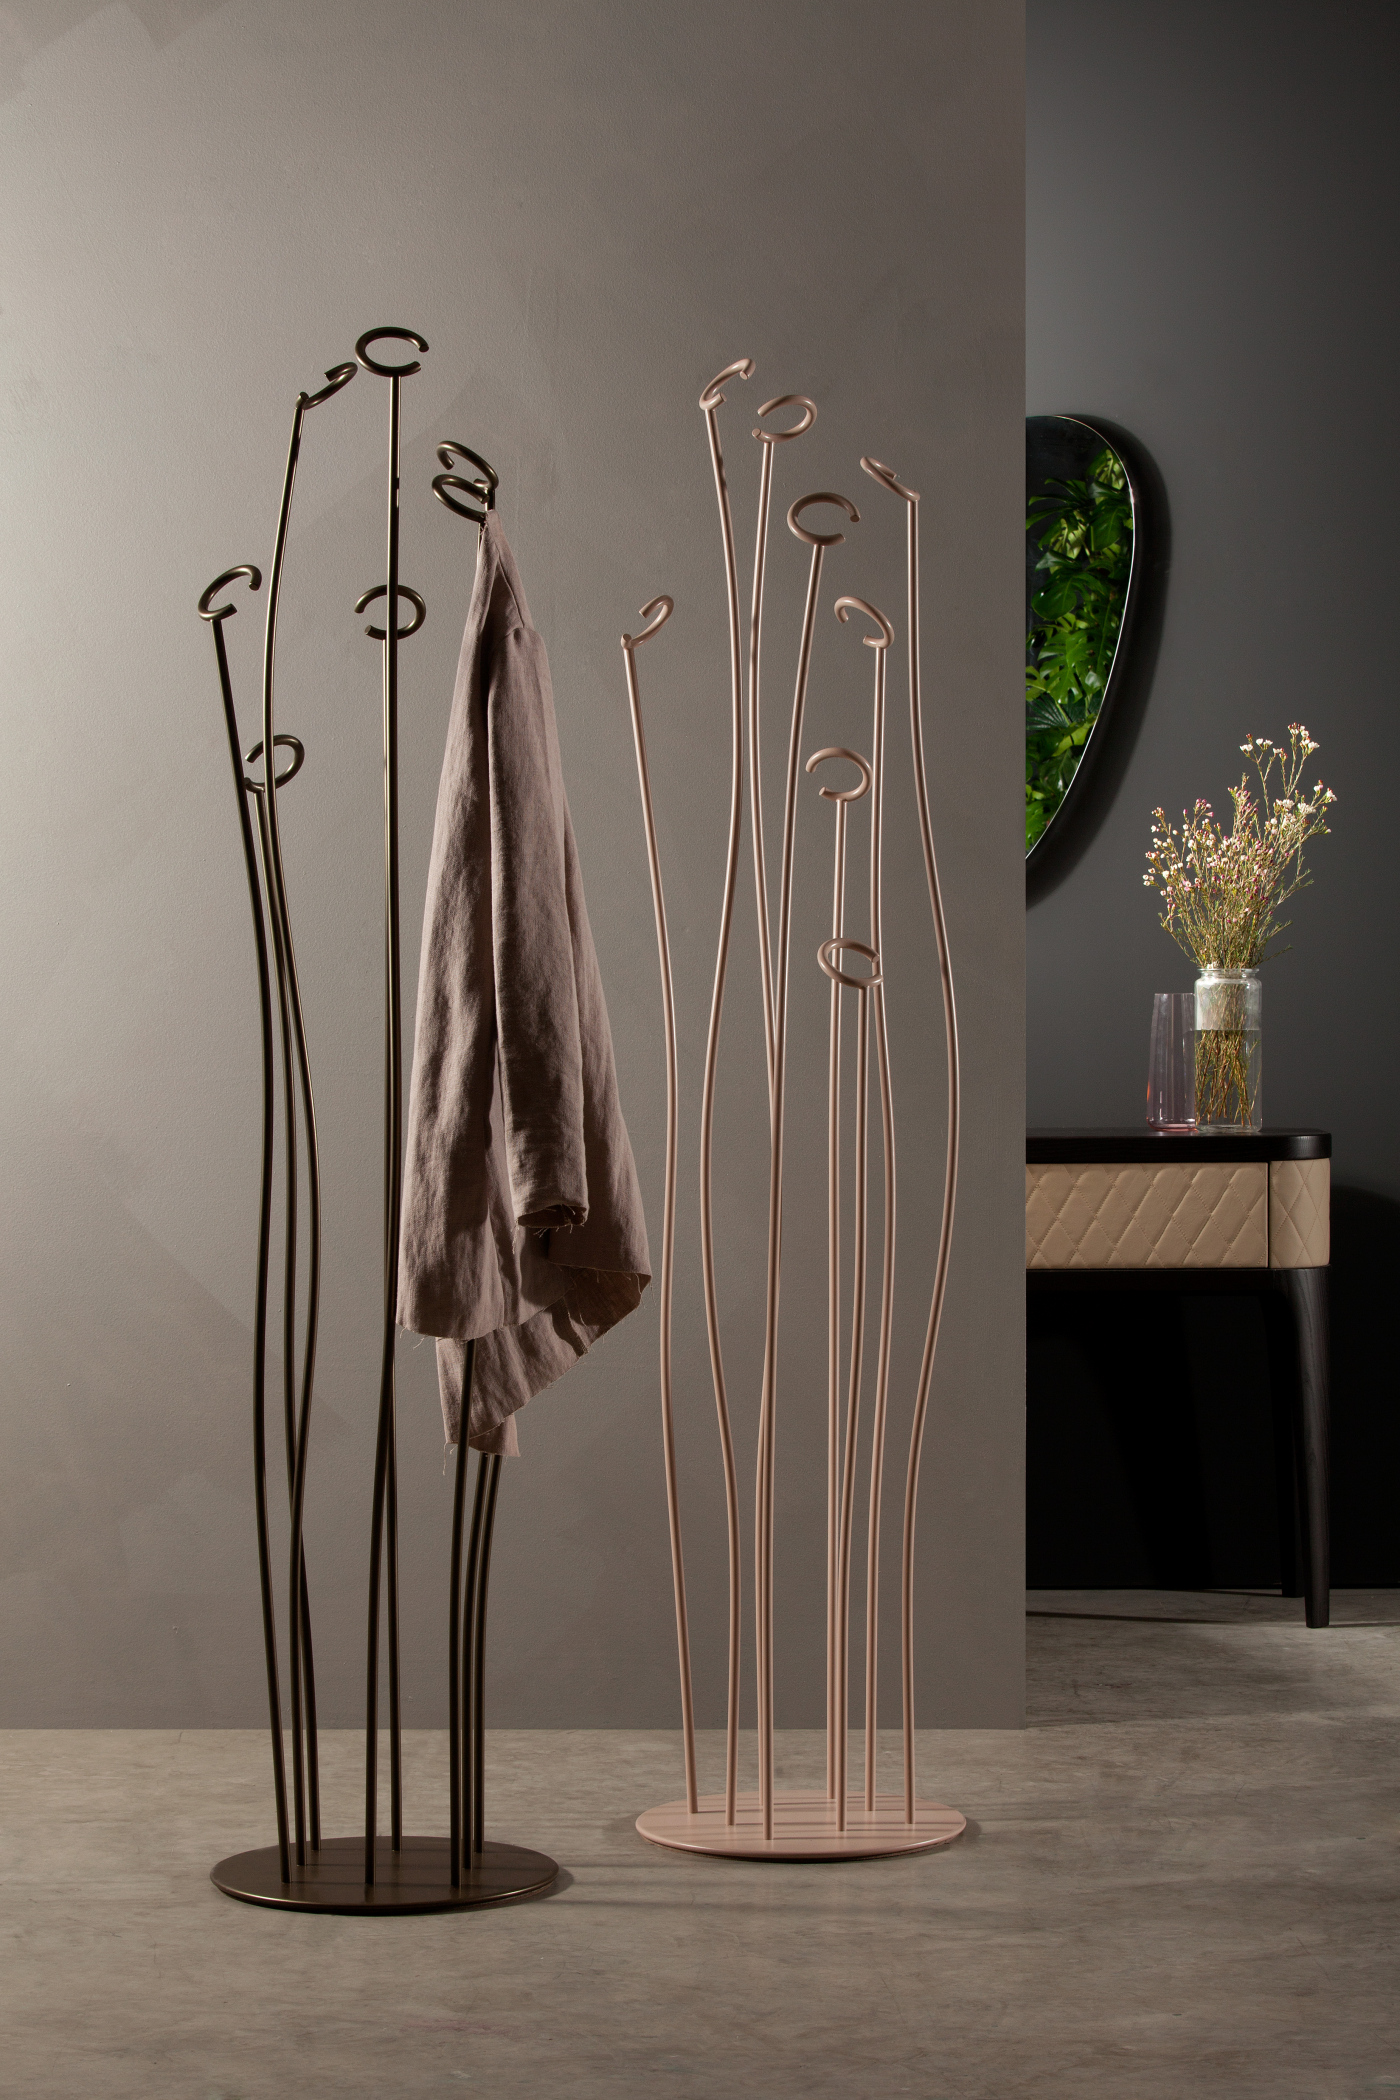 Attaccapanni Di Design.Dettagli Su Appendiabito Alga 7416 Tonin Casa Attaccapanni Design In Metallo Laccato Moderno